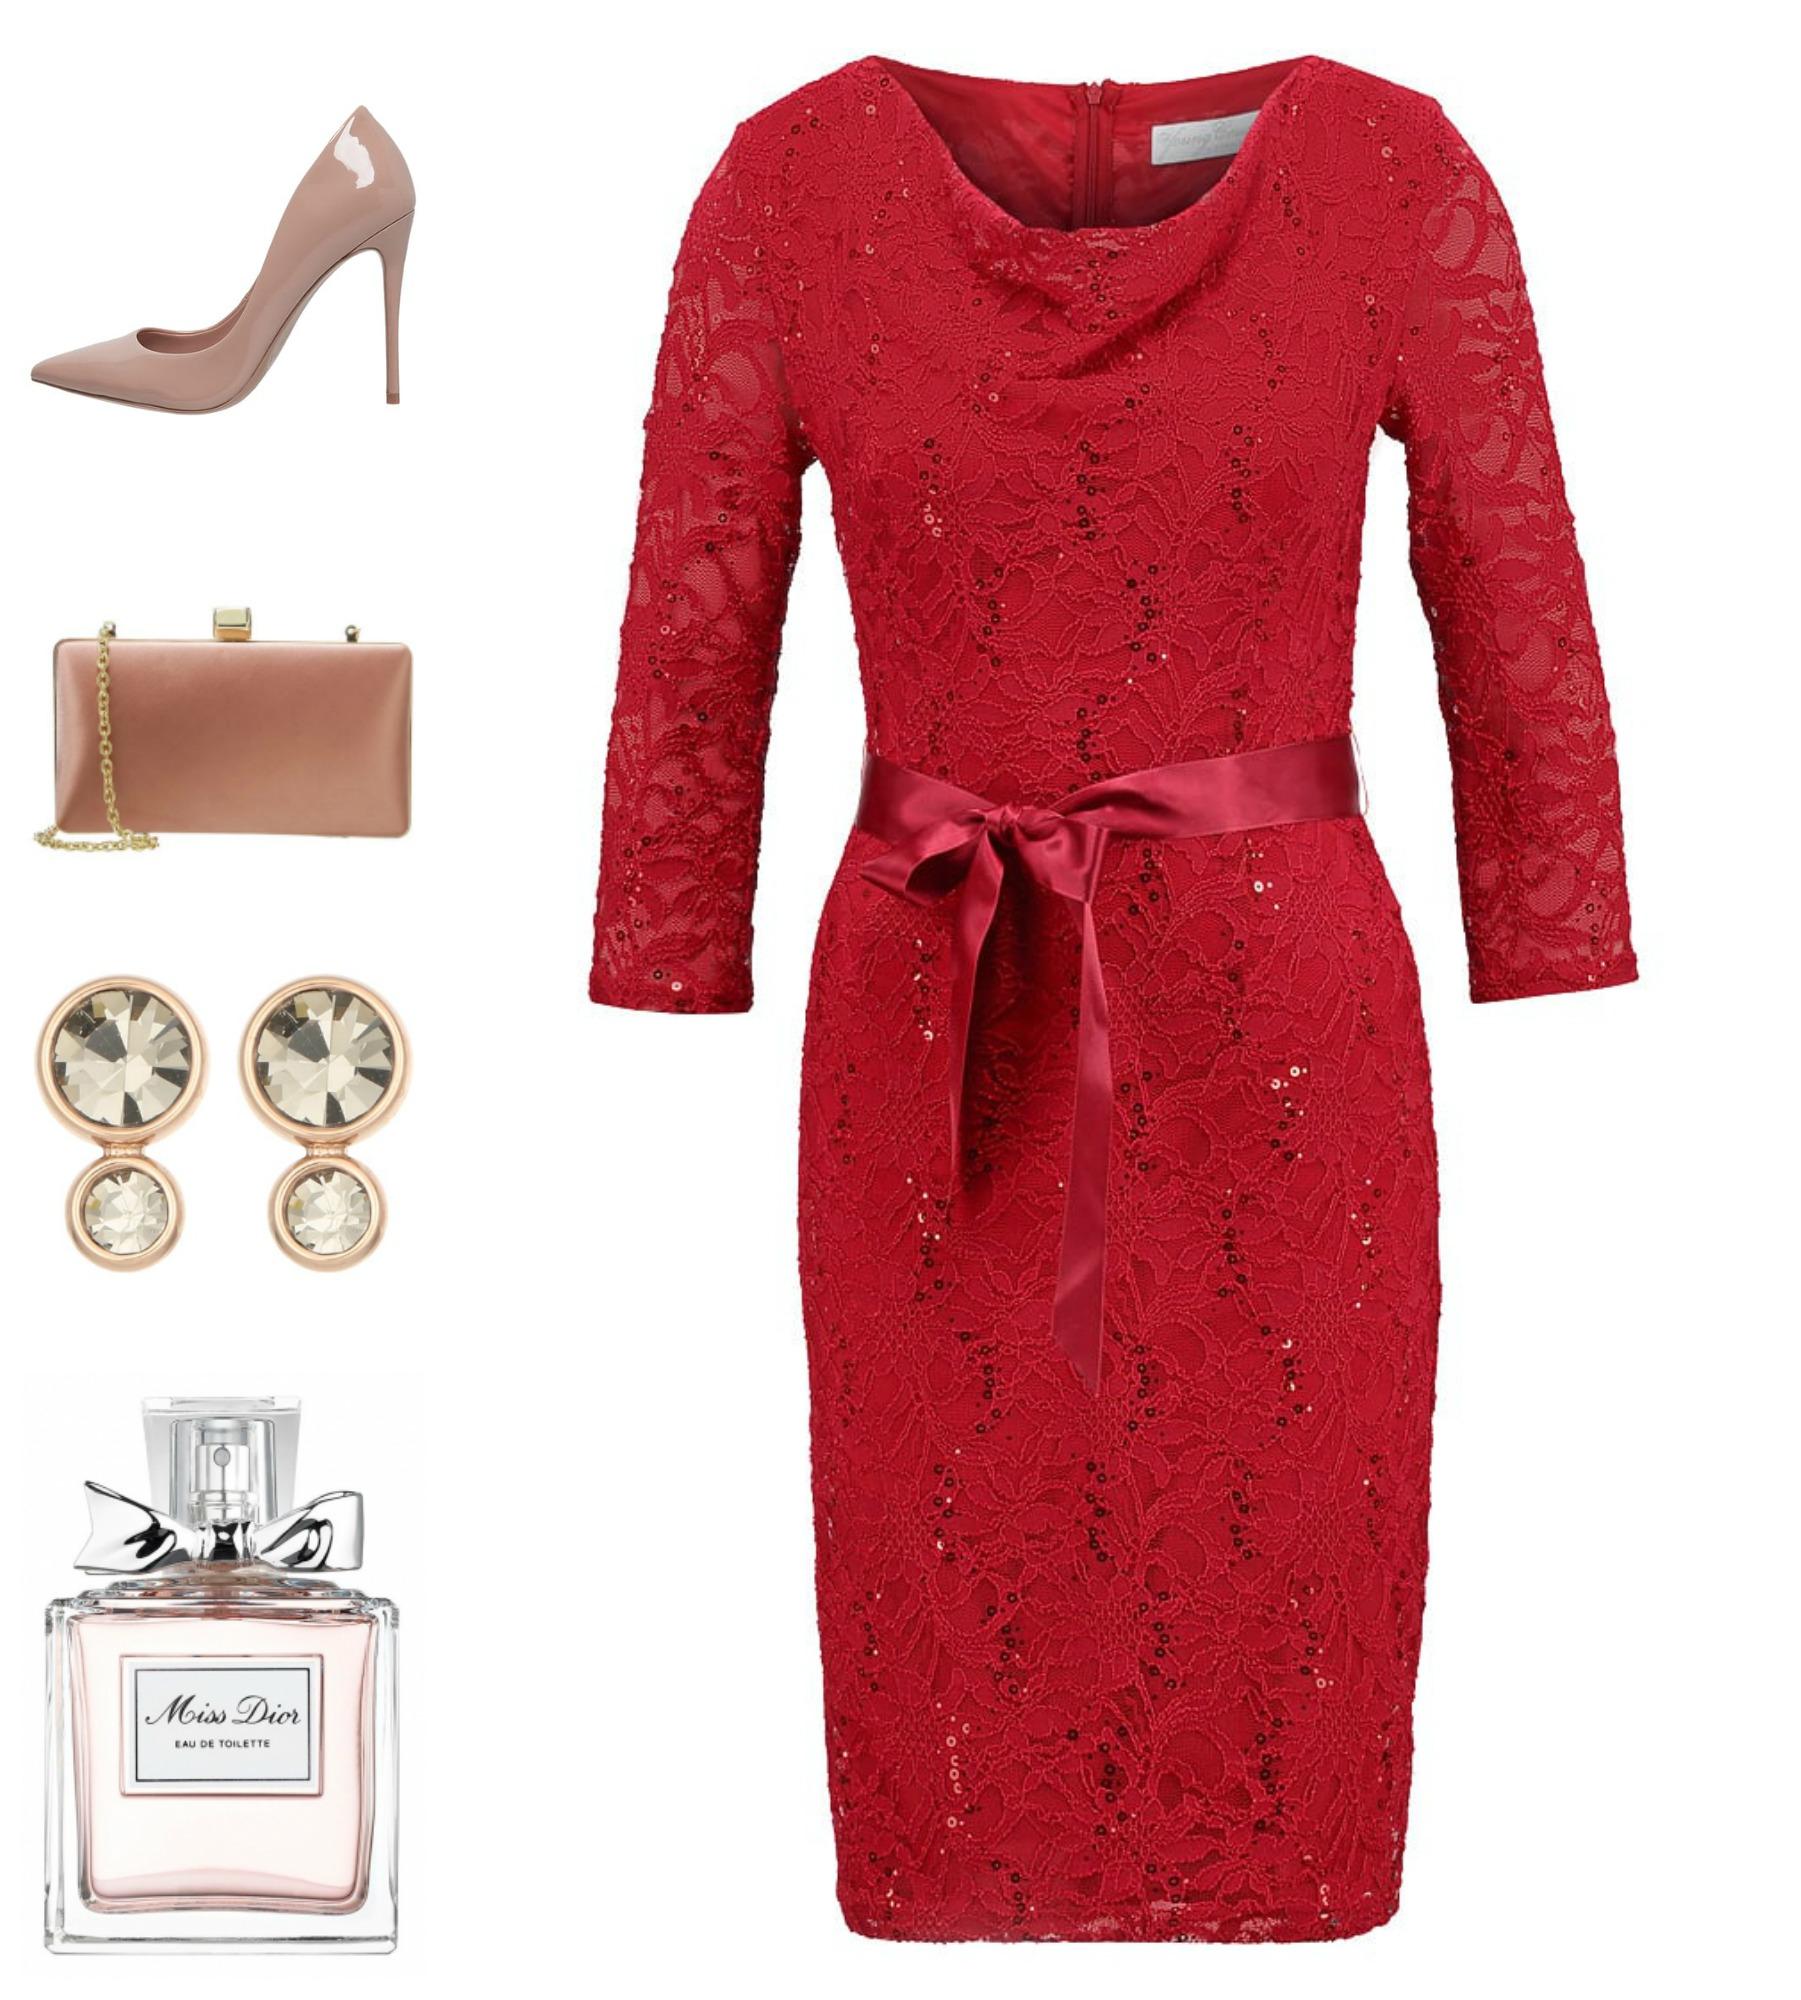 Red is a safe bet and I would choose nude color for the accessories/ El rojo es una apuesta segura y yo elegiría el color nude para los complementos.